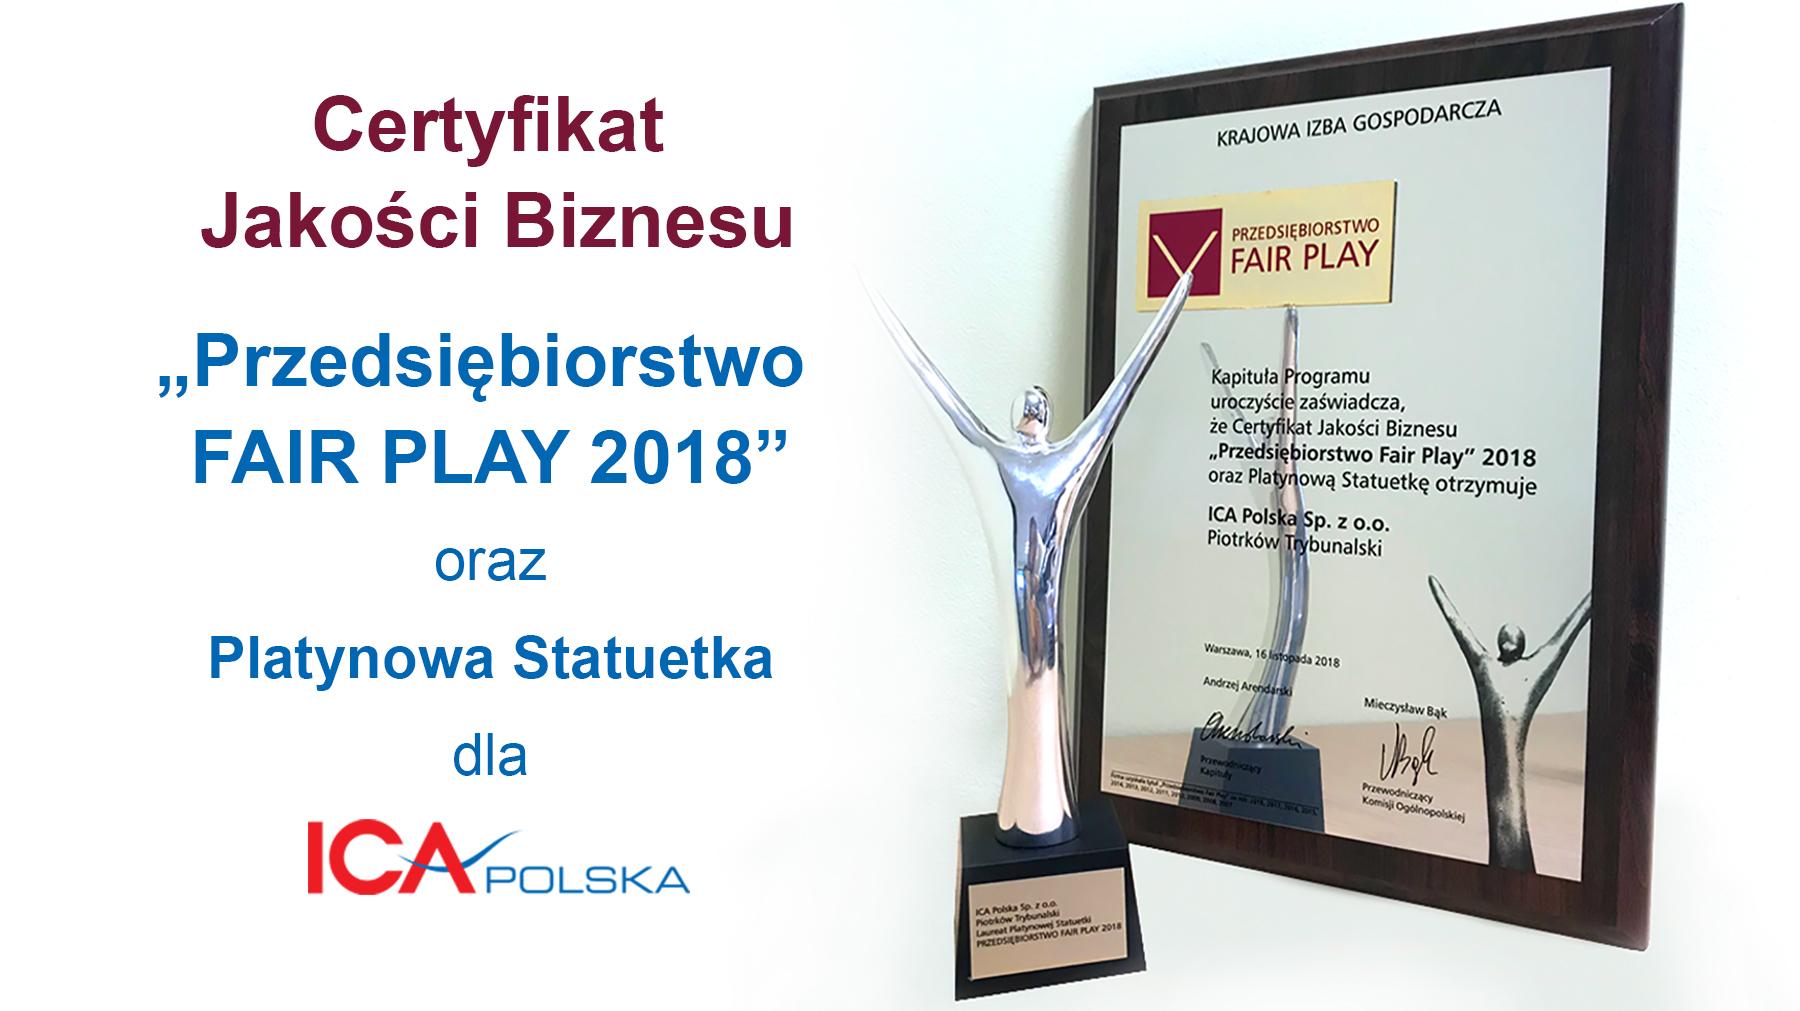 """ICA Polska otrzymała Certyfikat Jakości Biznesu """"Przedsiębiorstwo Fair Play 2018"""" oraz Platynową Statuetkę 🏆👌😁 Jesteśmy dumni!"""